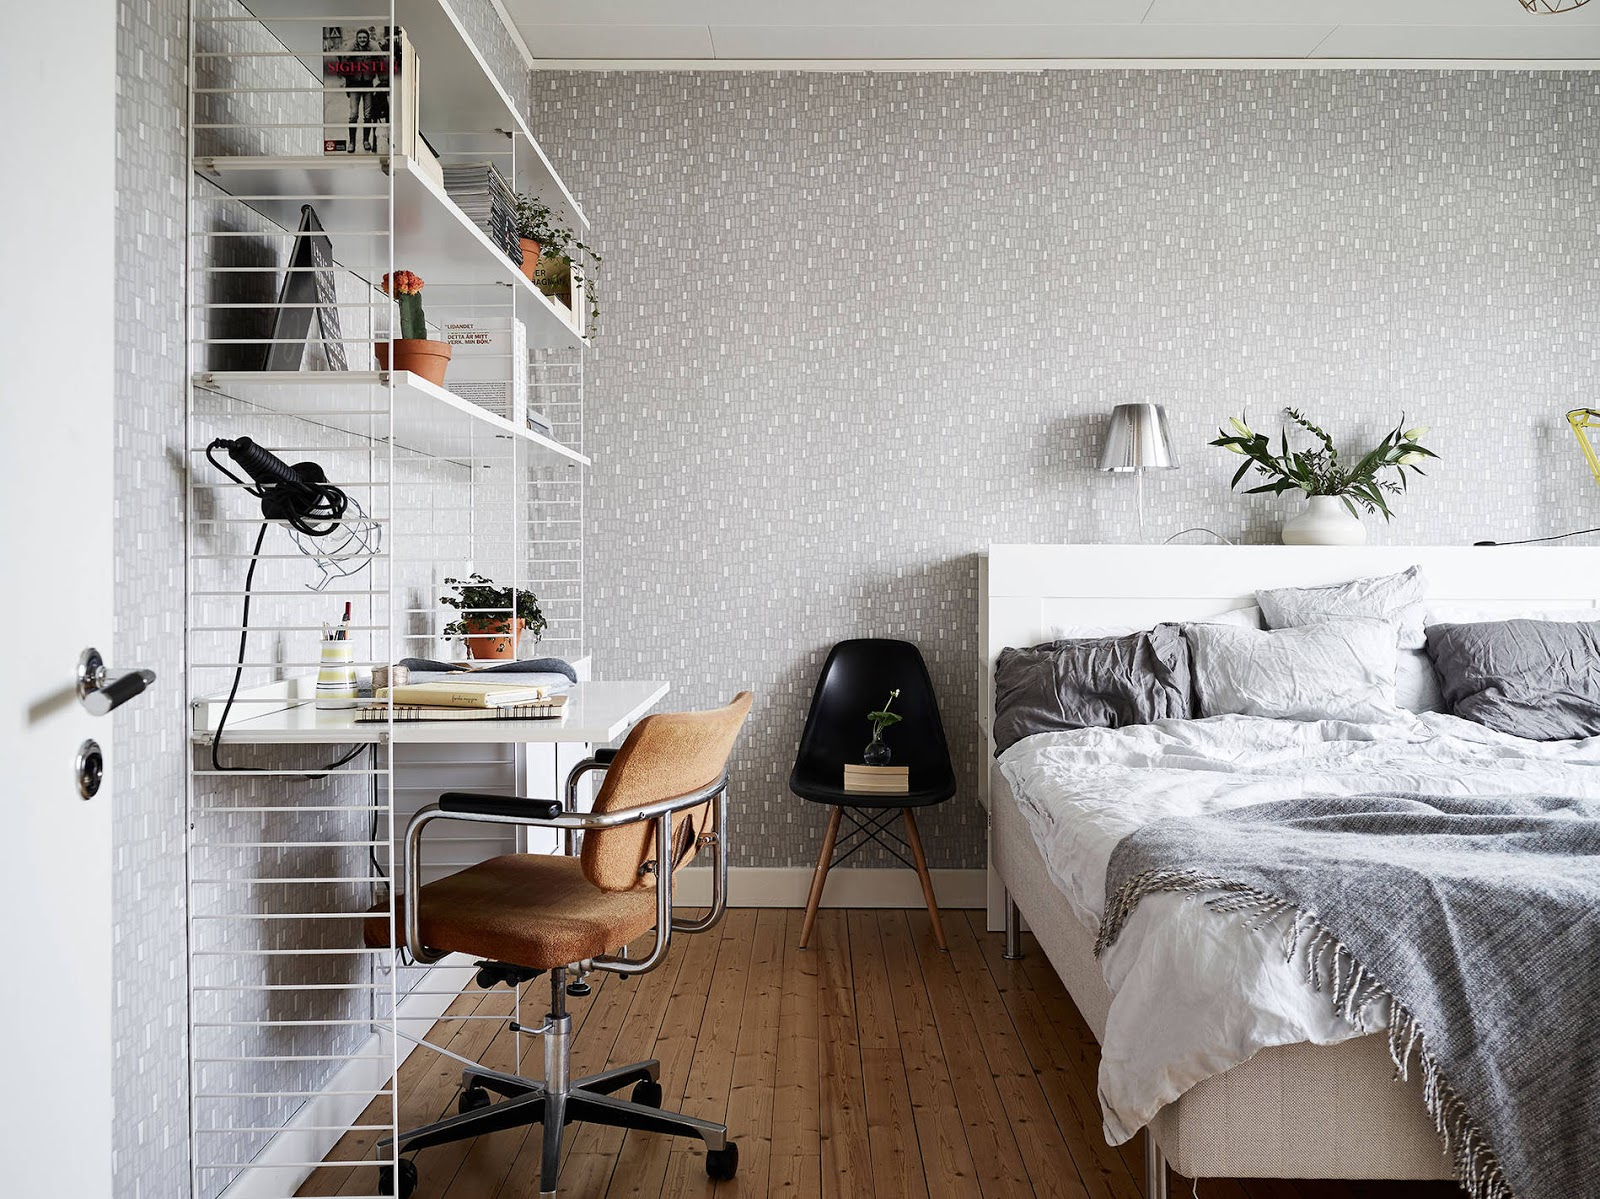 biurko w sypialni, toaletka w sypialni, miejsce do pracy w stylu skandynawskim